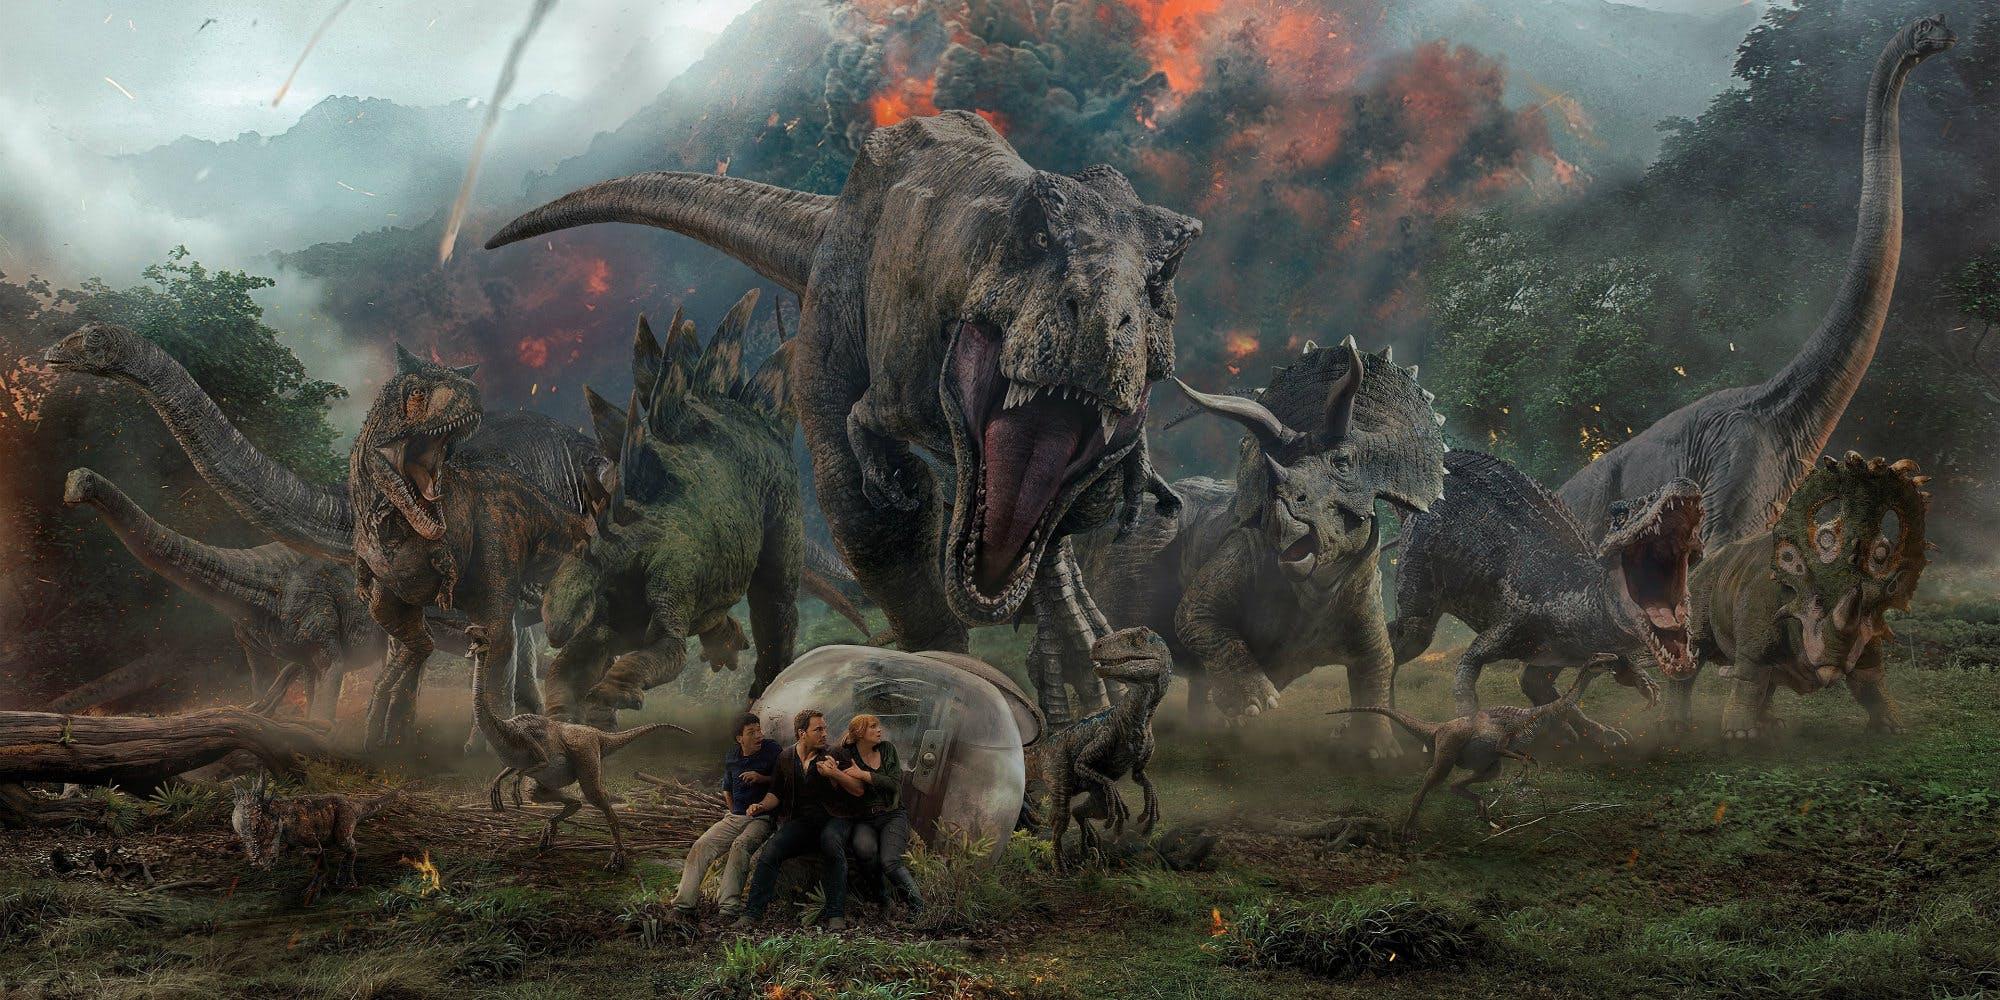 Crítica: Jurassic World – Reino Ameaçado